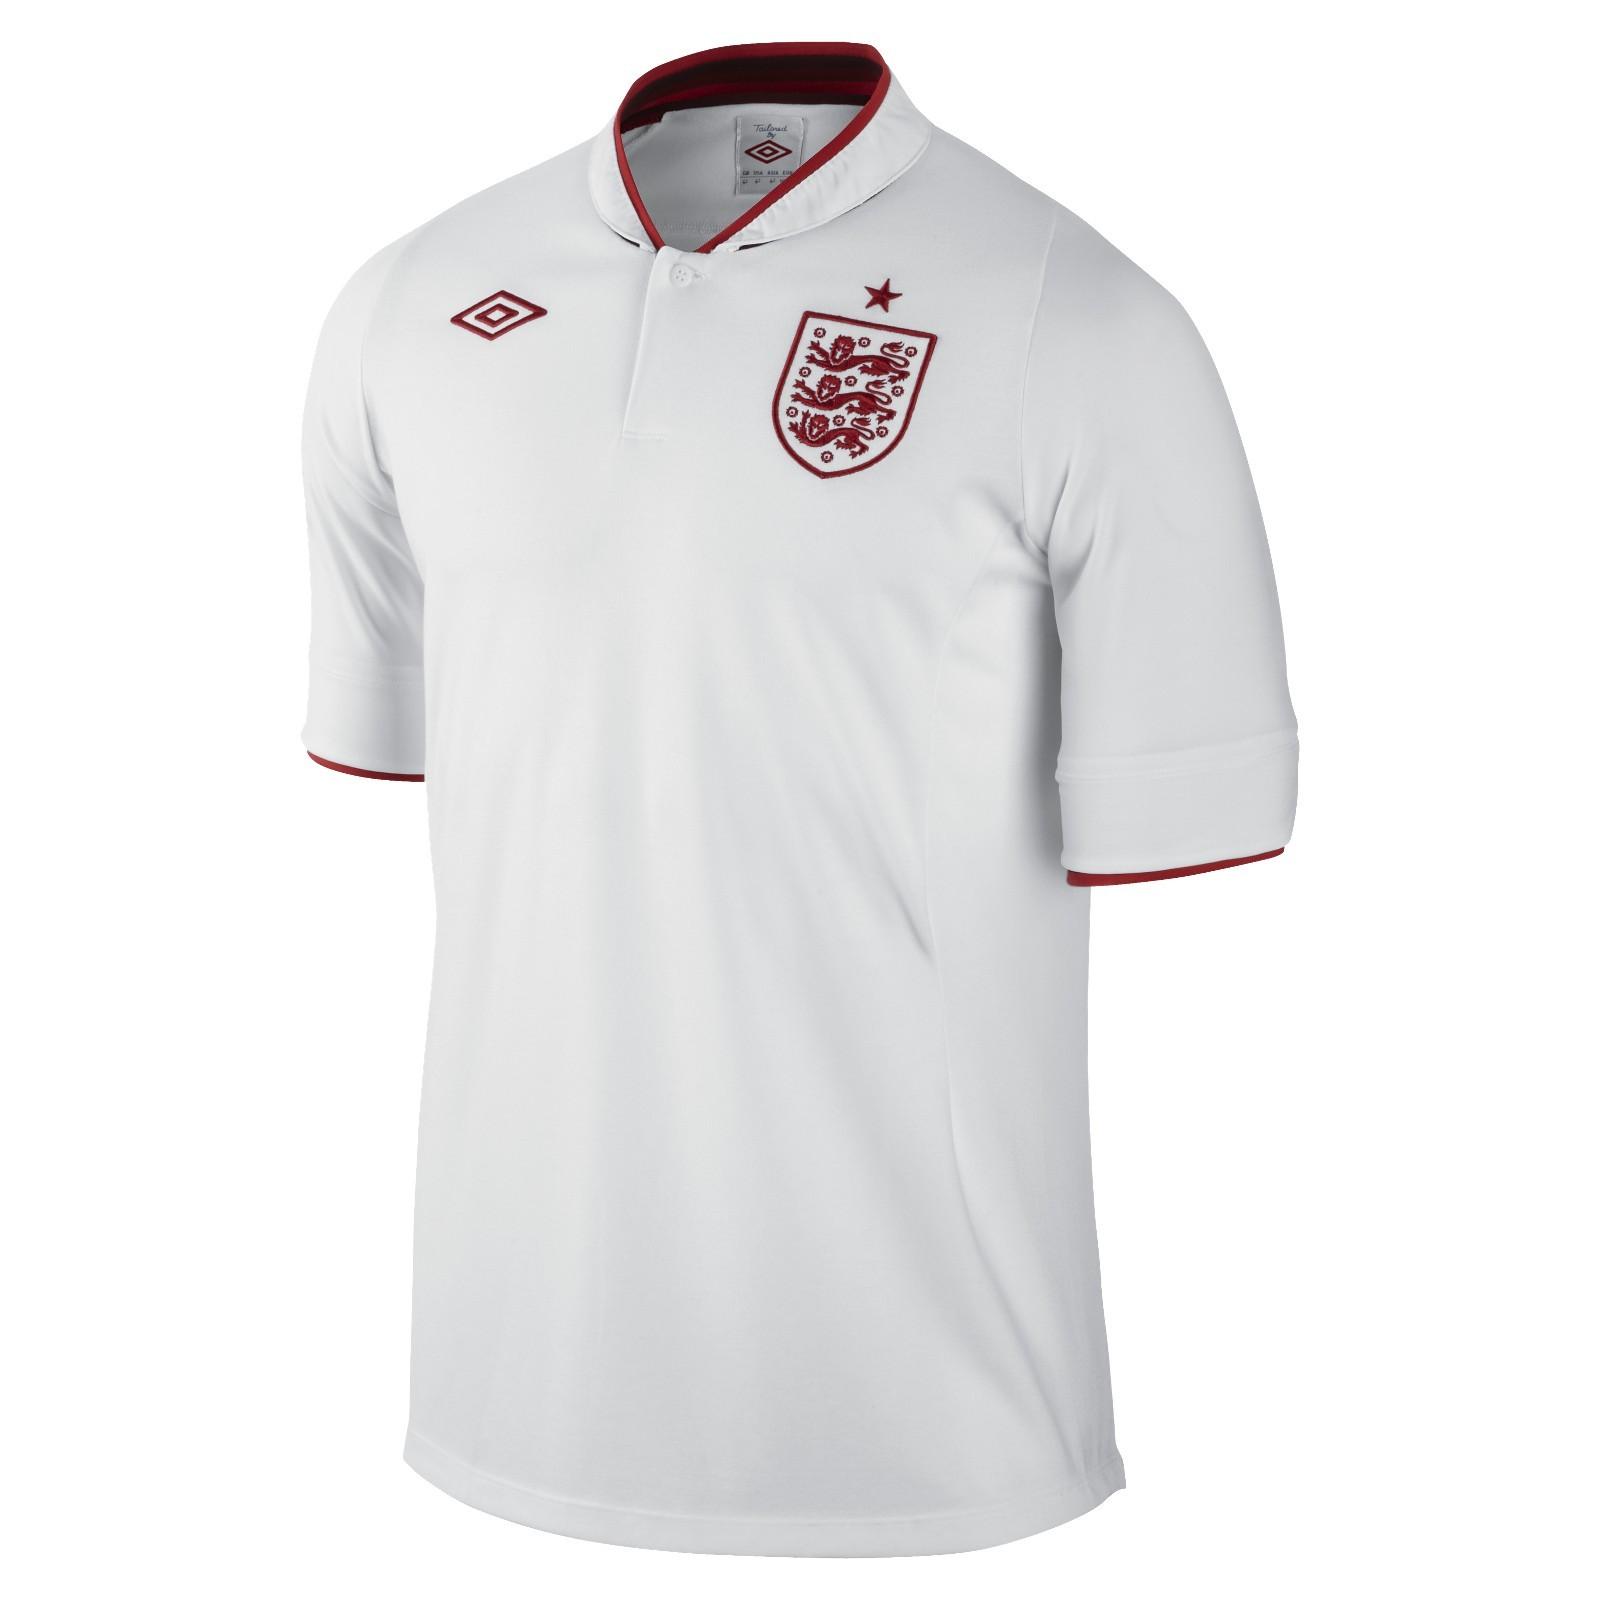 英格兰国家队2012欧洲杯主场球衣